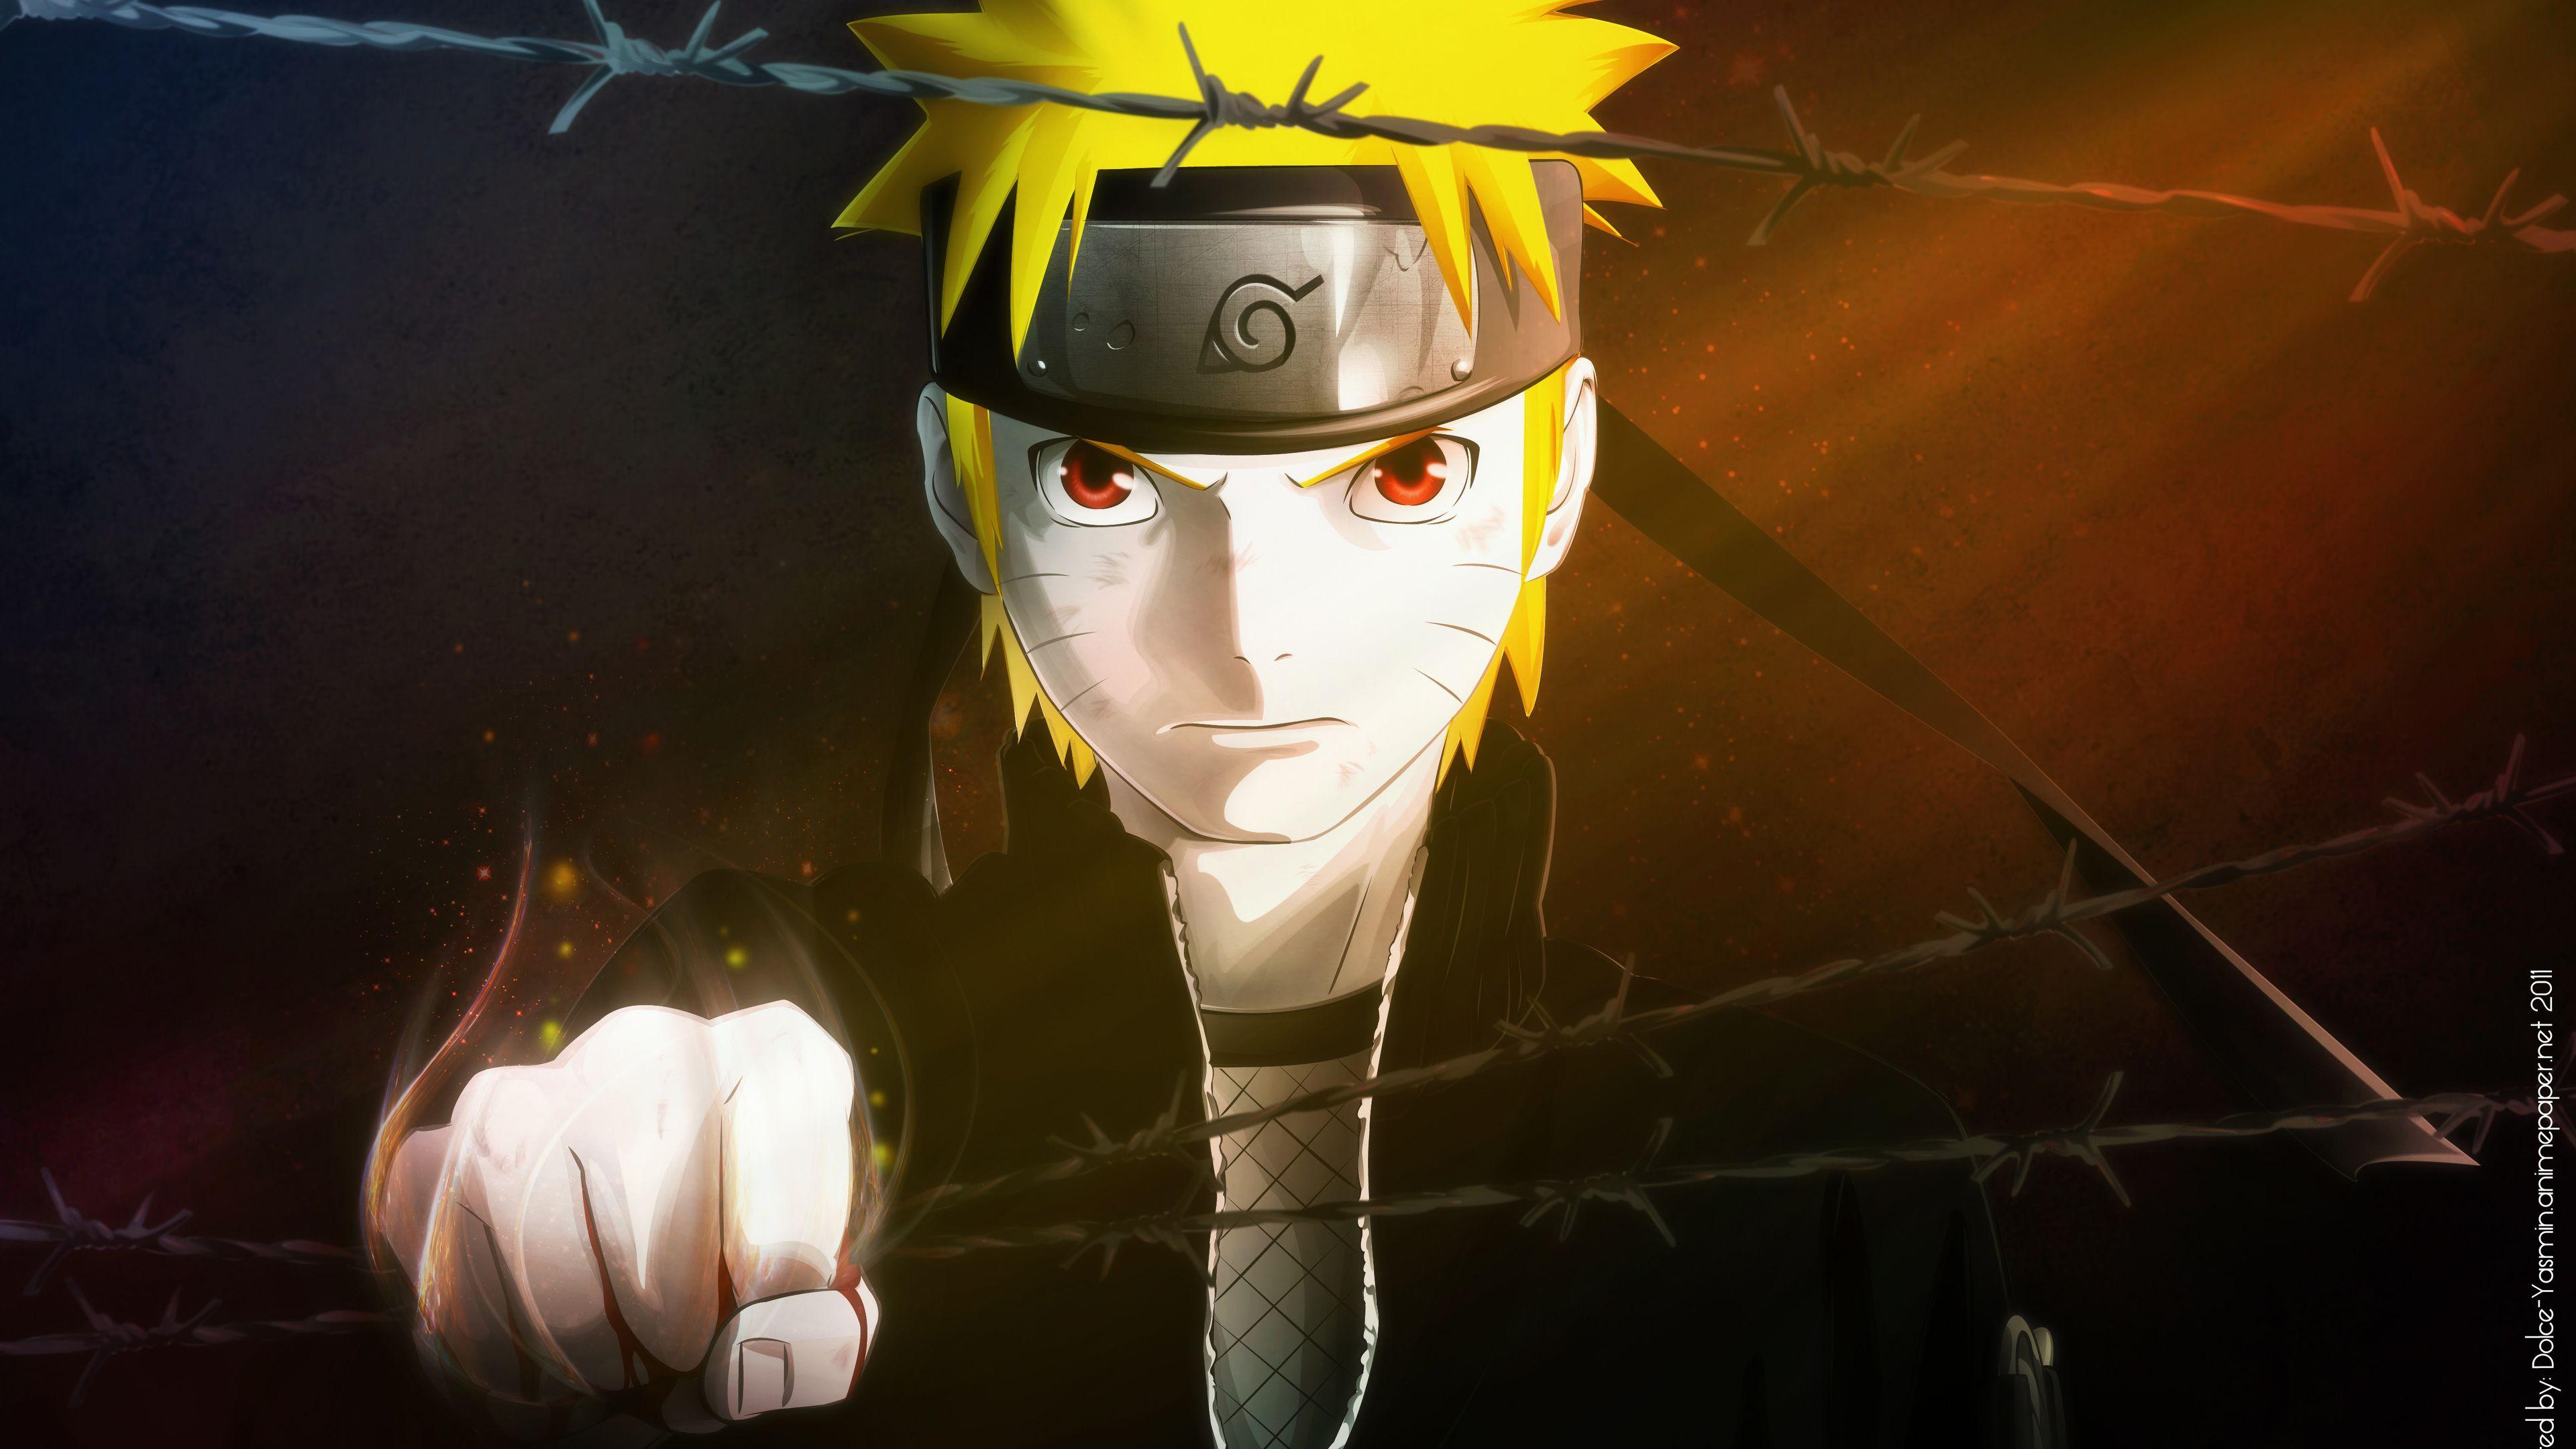 Naruto Ultra Hd Wallpapers Wallpaper 4k Naruto Anime 4k 4k Wallpapers Anime Wallpapers Naruto X Boruto Ninja Voltage Naruto Uzumaki Uhd 4k Luxury Naruto Anime